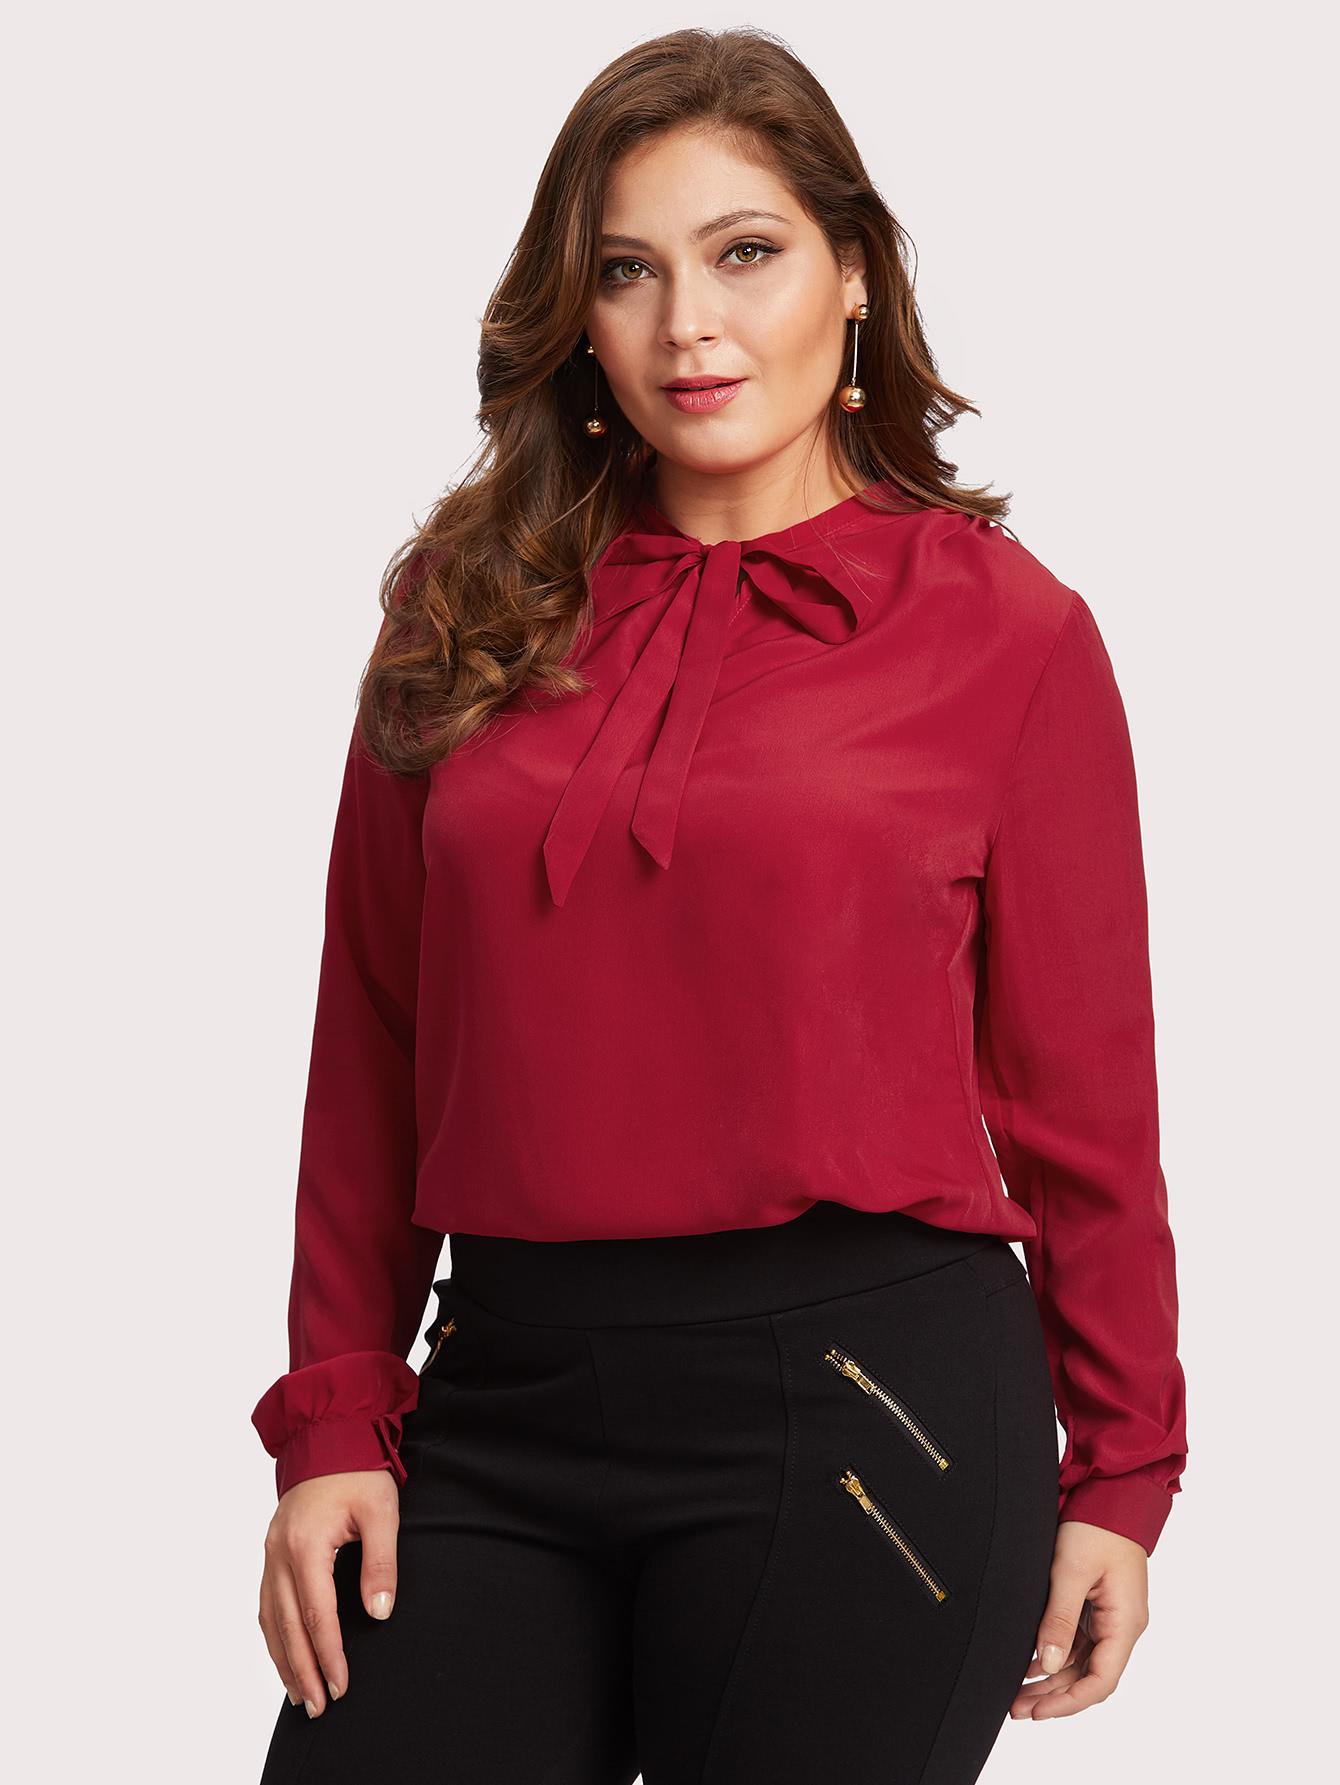 venta minorista fina artesanía paquete de moda y atractivo 🥇 🥇 Las blusas tallas grandes por menos de 15 euros en Shein